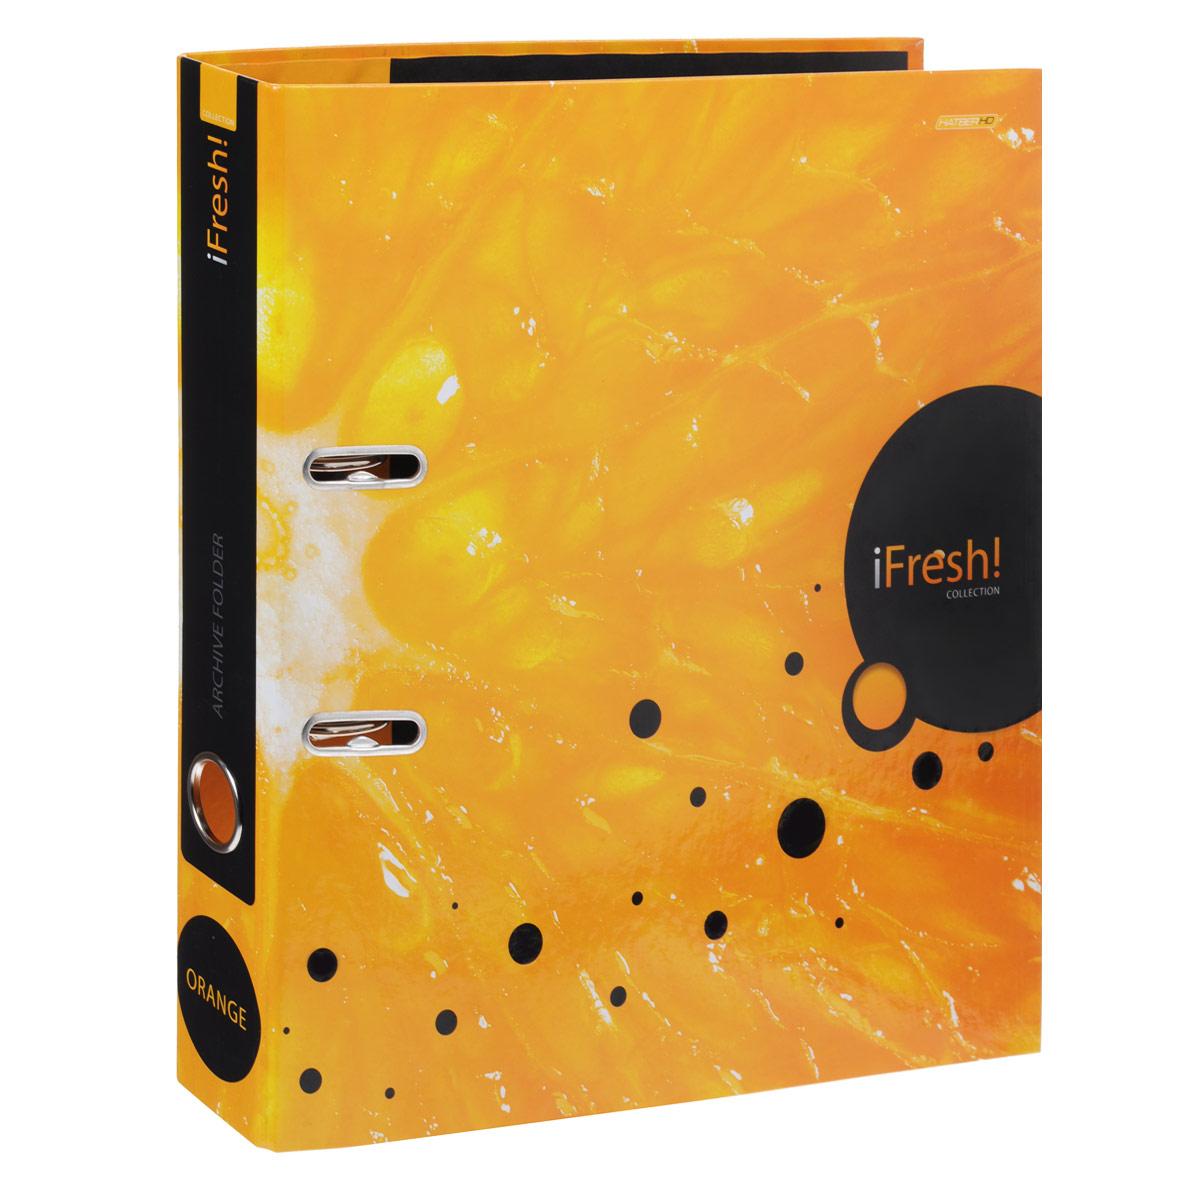 Папка-регистратор Hatber iFresh!: Апельсин, цвет: оранжевыйFS-36054Красочная папка-регистратор Hatber iFresh!: Апельсин пригодится в каждом офисе и доме для хранения больших объемов документов. Внешняя сторона папки выполнена из плотного ламинированного картона и оформлена увеличенным изображением сердцевины апельсина.Папка-регистратор оснащена надежным арочным механизмом крепления бумаги. Круглое отверстие в корешке папки облегчит ее извлечение с полки. Ширина корешка 5 см.